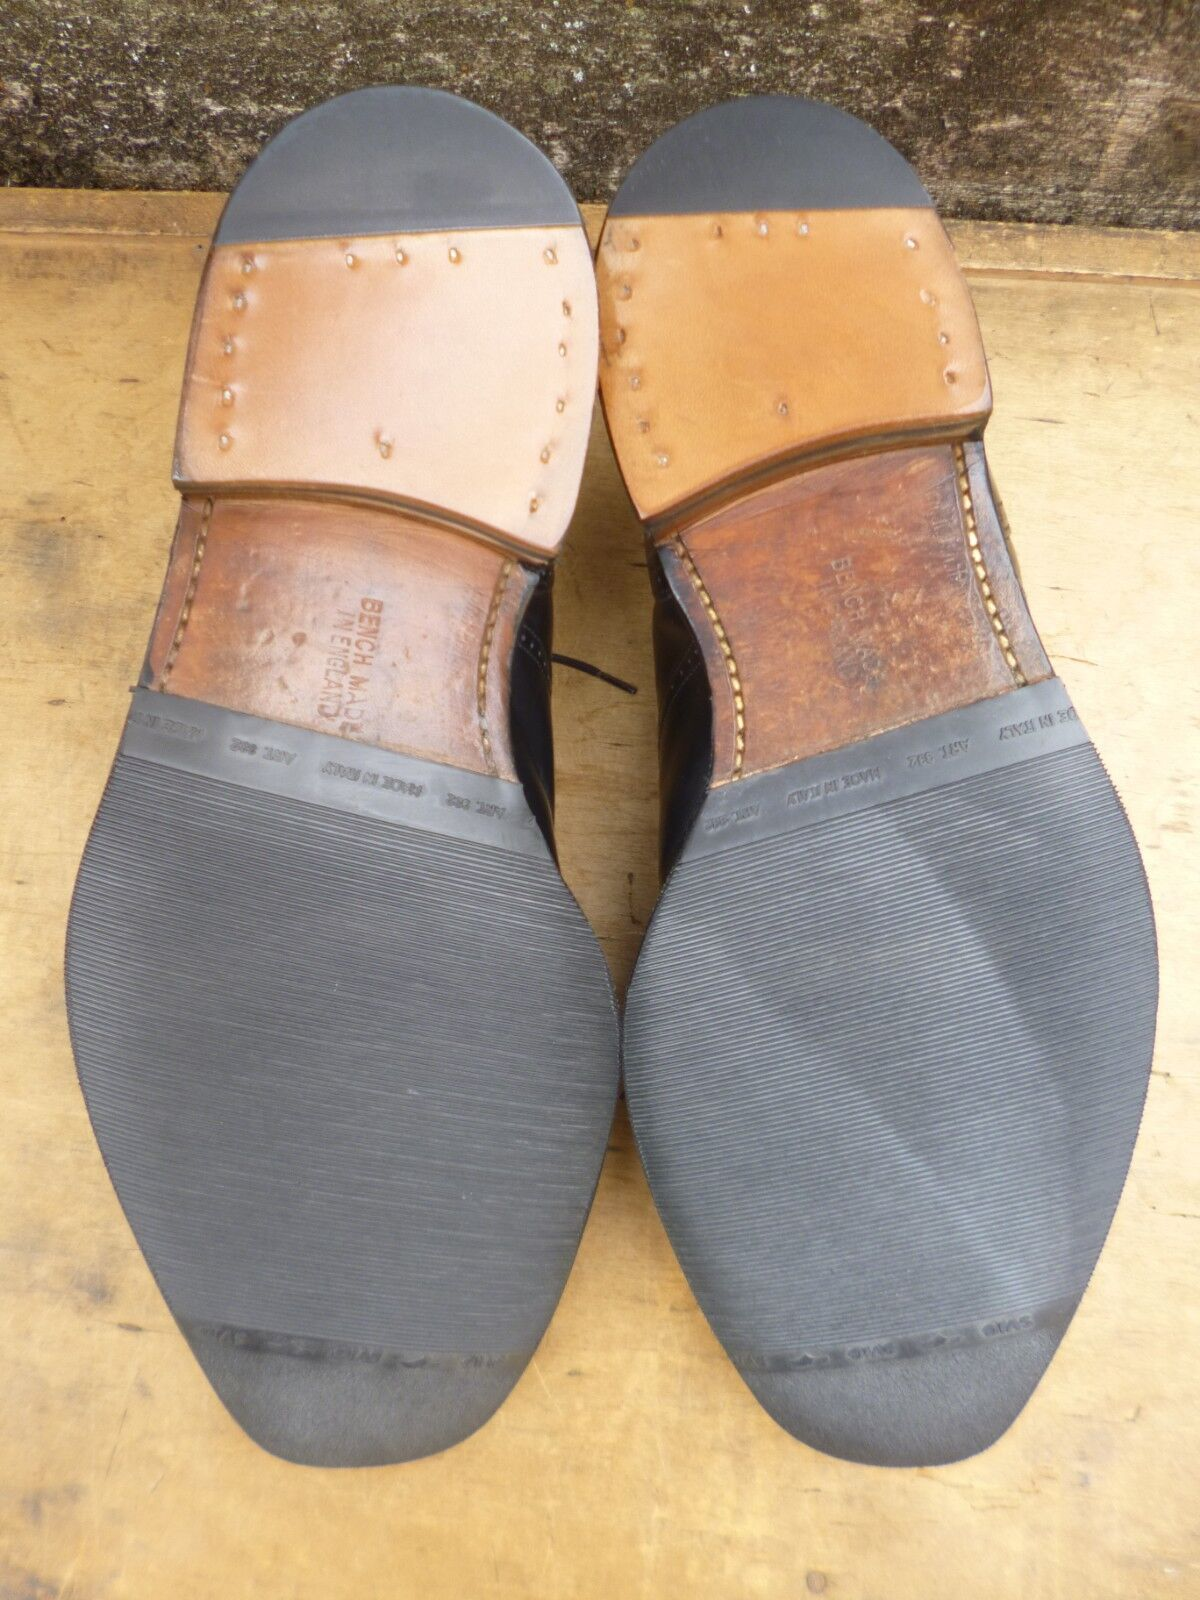 Monsieur Madame CHEANEY/église Chaussures-Noir-– Cadogan-Excellent état Caractéristiques exceptionnelles Design Design Design luxuriant Divers 8f3aa2